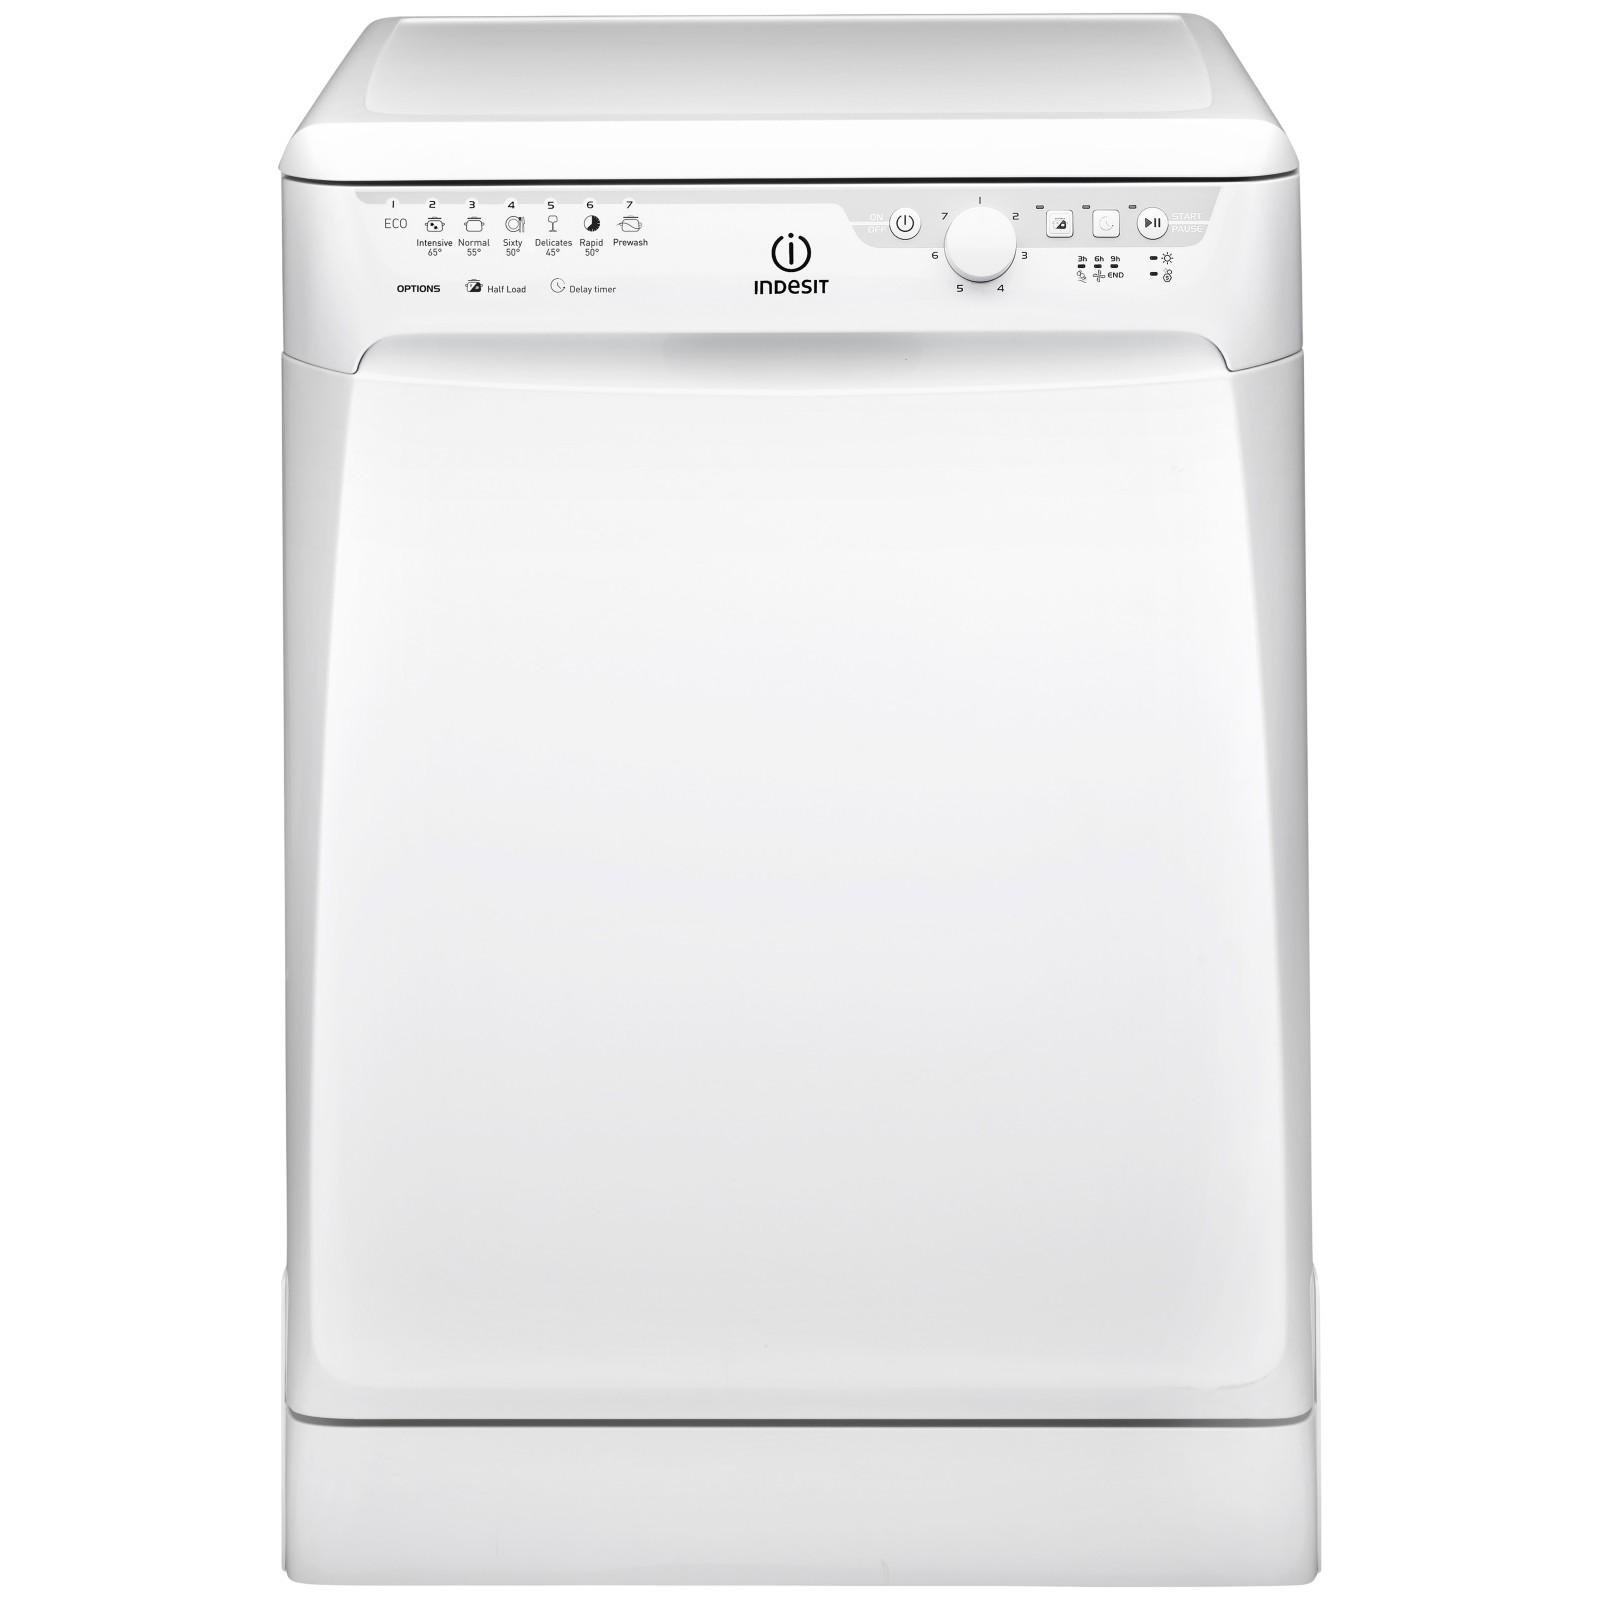 Indesit DFP 27B10 Freestanding Dishwasher